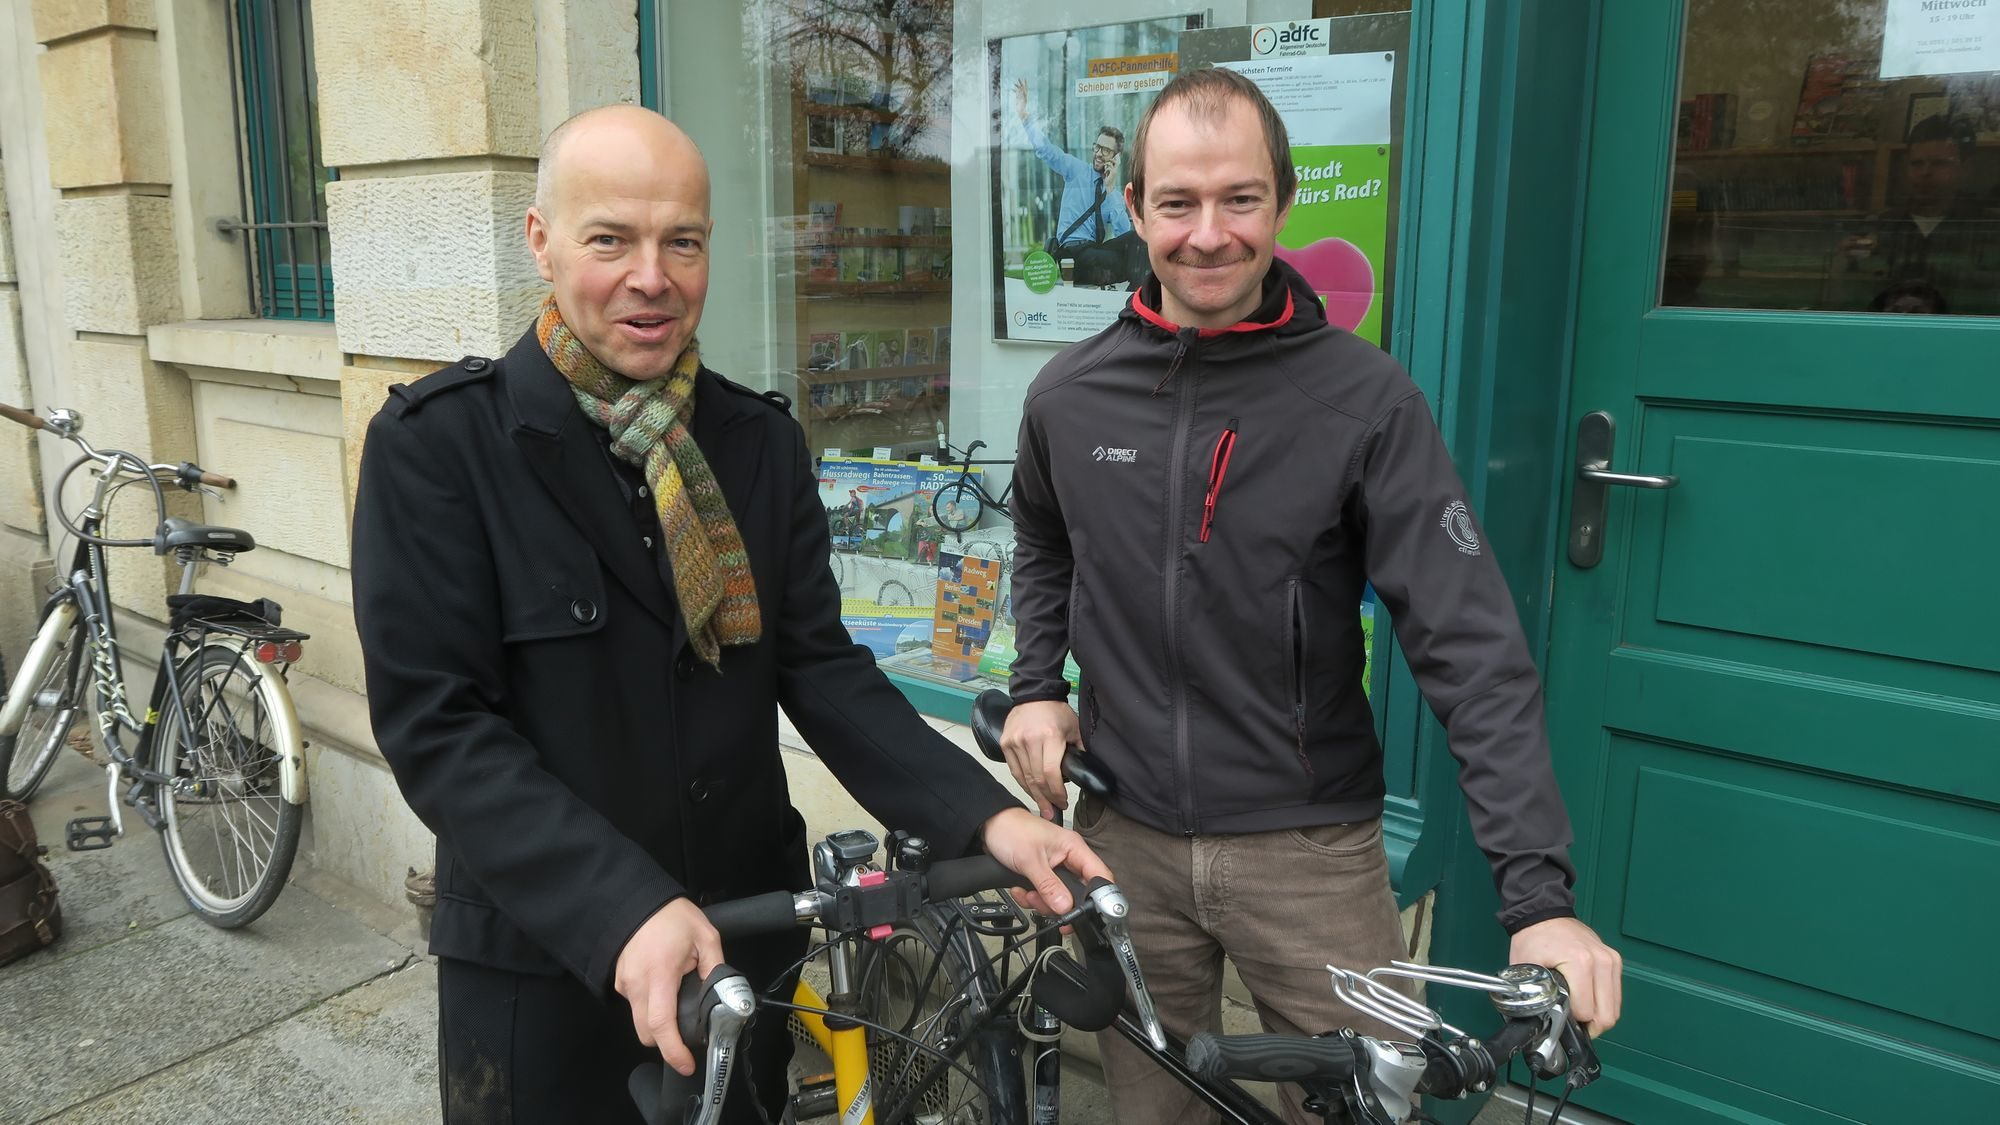 Begrüßen grundsätzlich das Radverkehrskonzept: ADFC-Vorstände Rolf Leonhardt und Nils Larsen